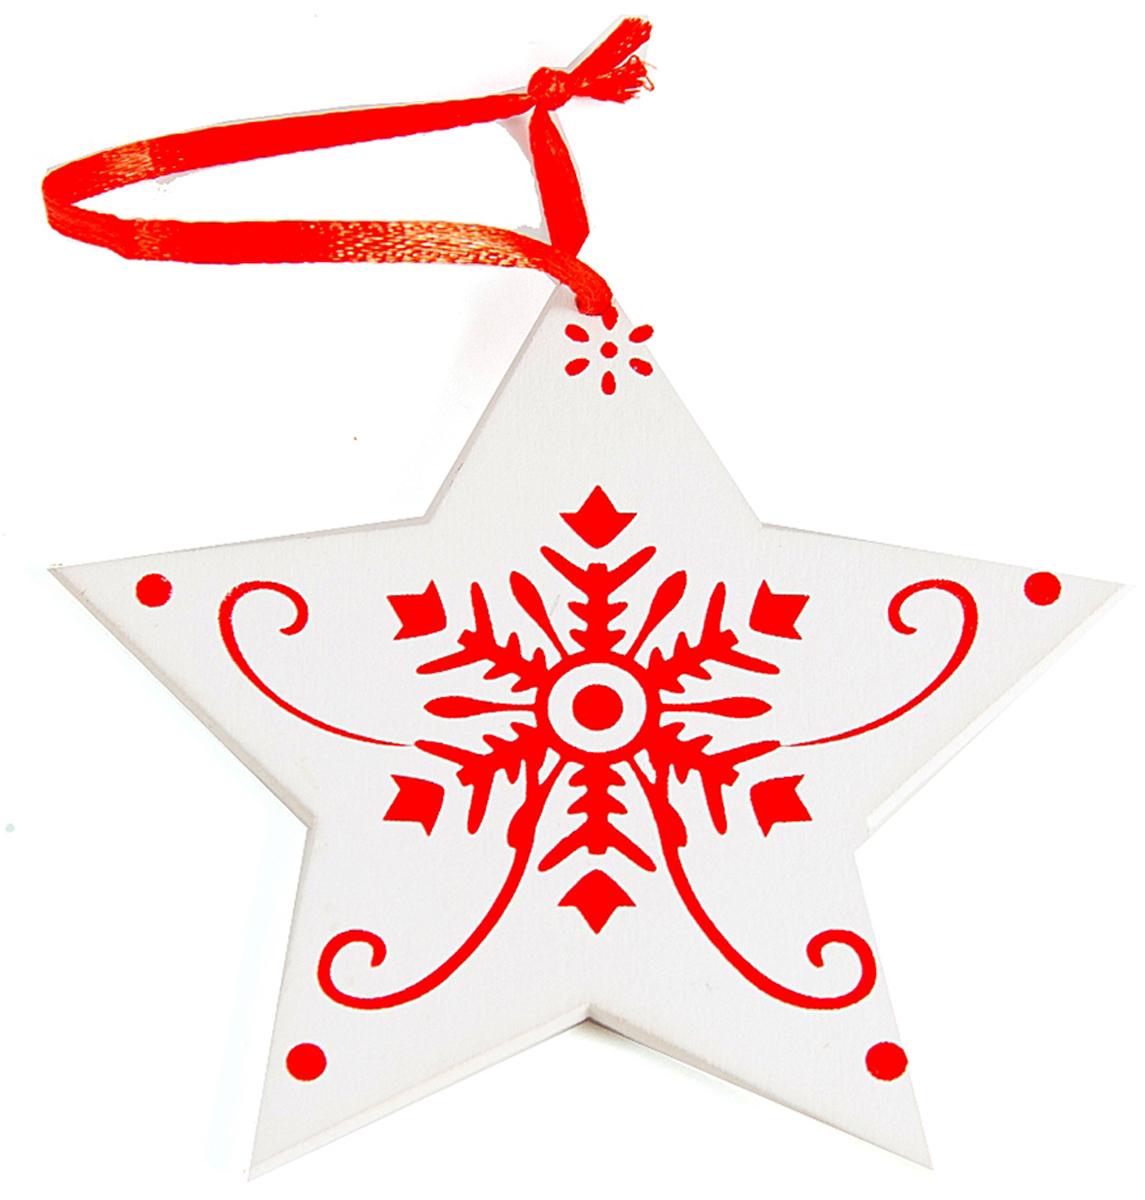 Игрушка елочная Звезда, 10 х 10 см. 7281972819Игрушка елочная Звезда выполнена из МДФ. Елочная игрушка, символ приближающегосяпраздника. Она послужит прекрасным подарком как для ребенка, так и для взрослого, а такжедополнит новогодний интерьер.